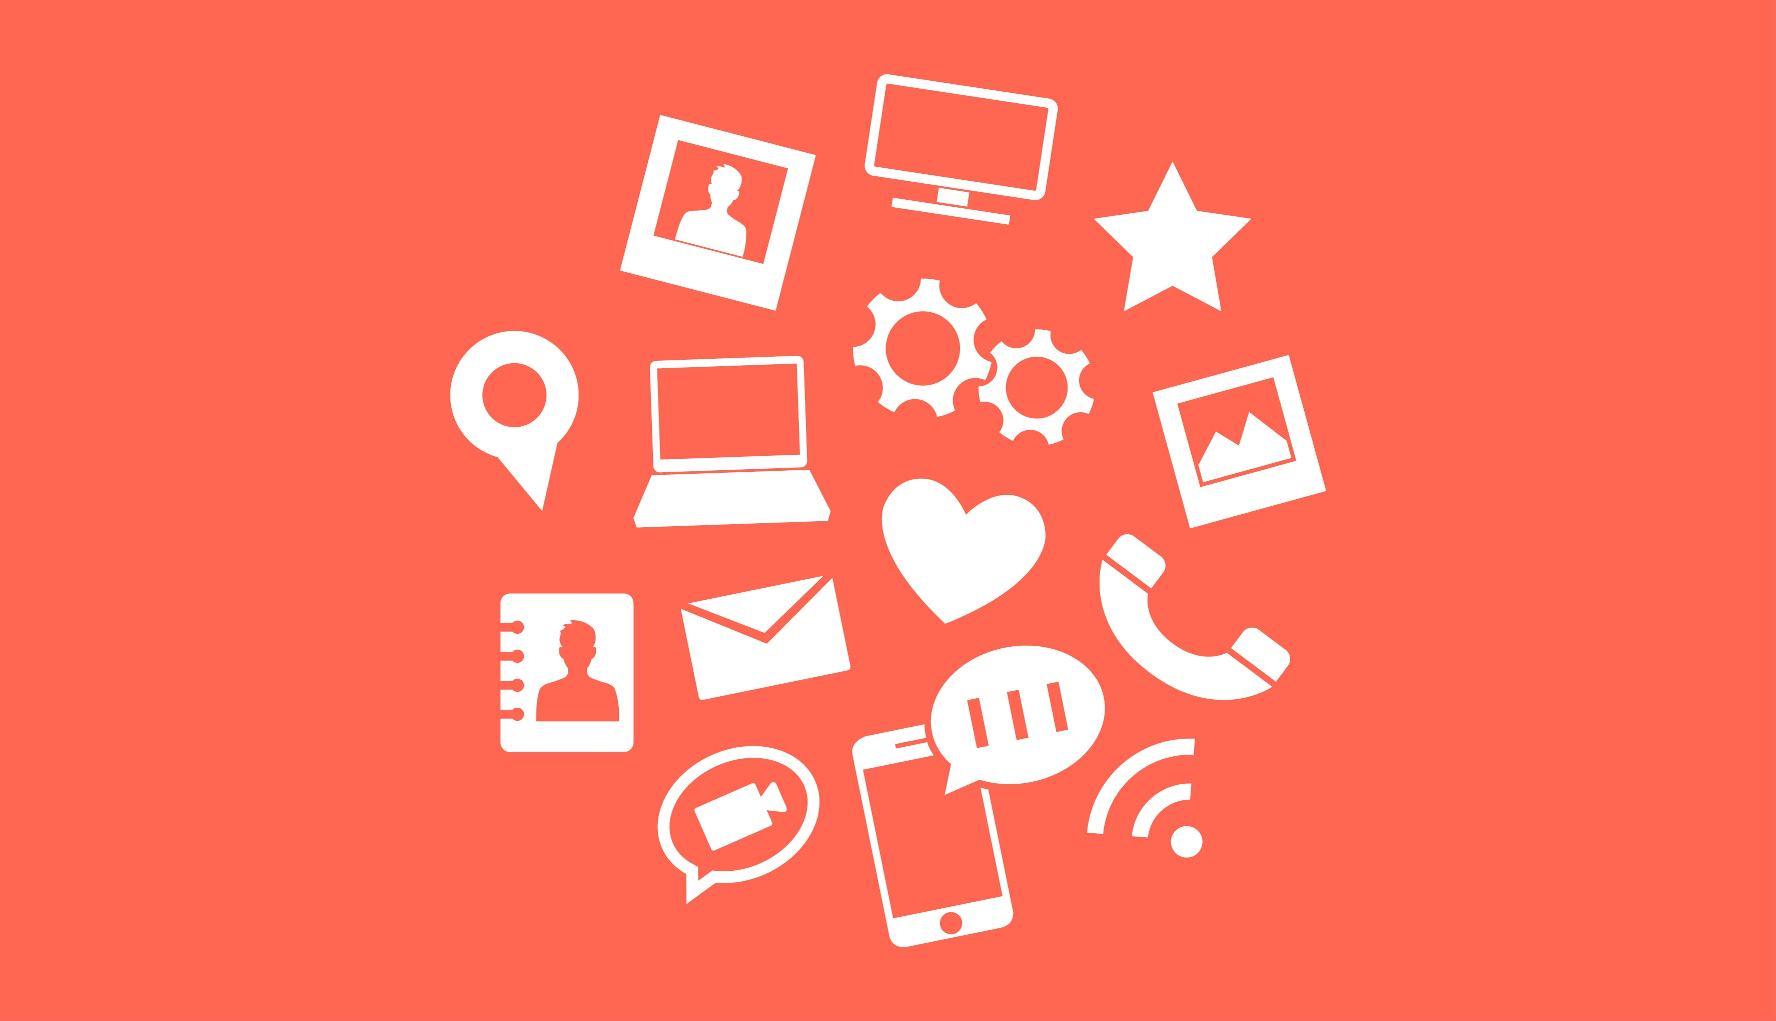 choisir réseaux sociaux, réseaux sociaux stratup, présence web startup, réseaux sociaux entreprise, choix réseau social, présence réseaux sociaux, pourquoi être sur réseaux sociaux, social media marketing senegal, social selling